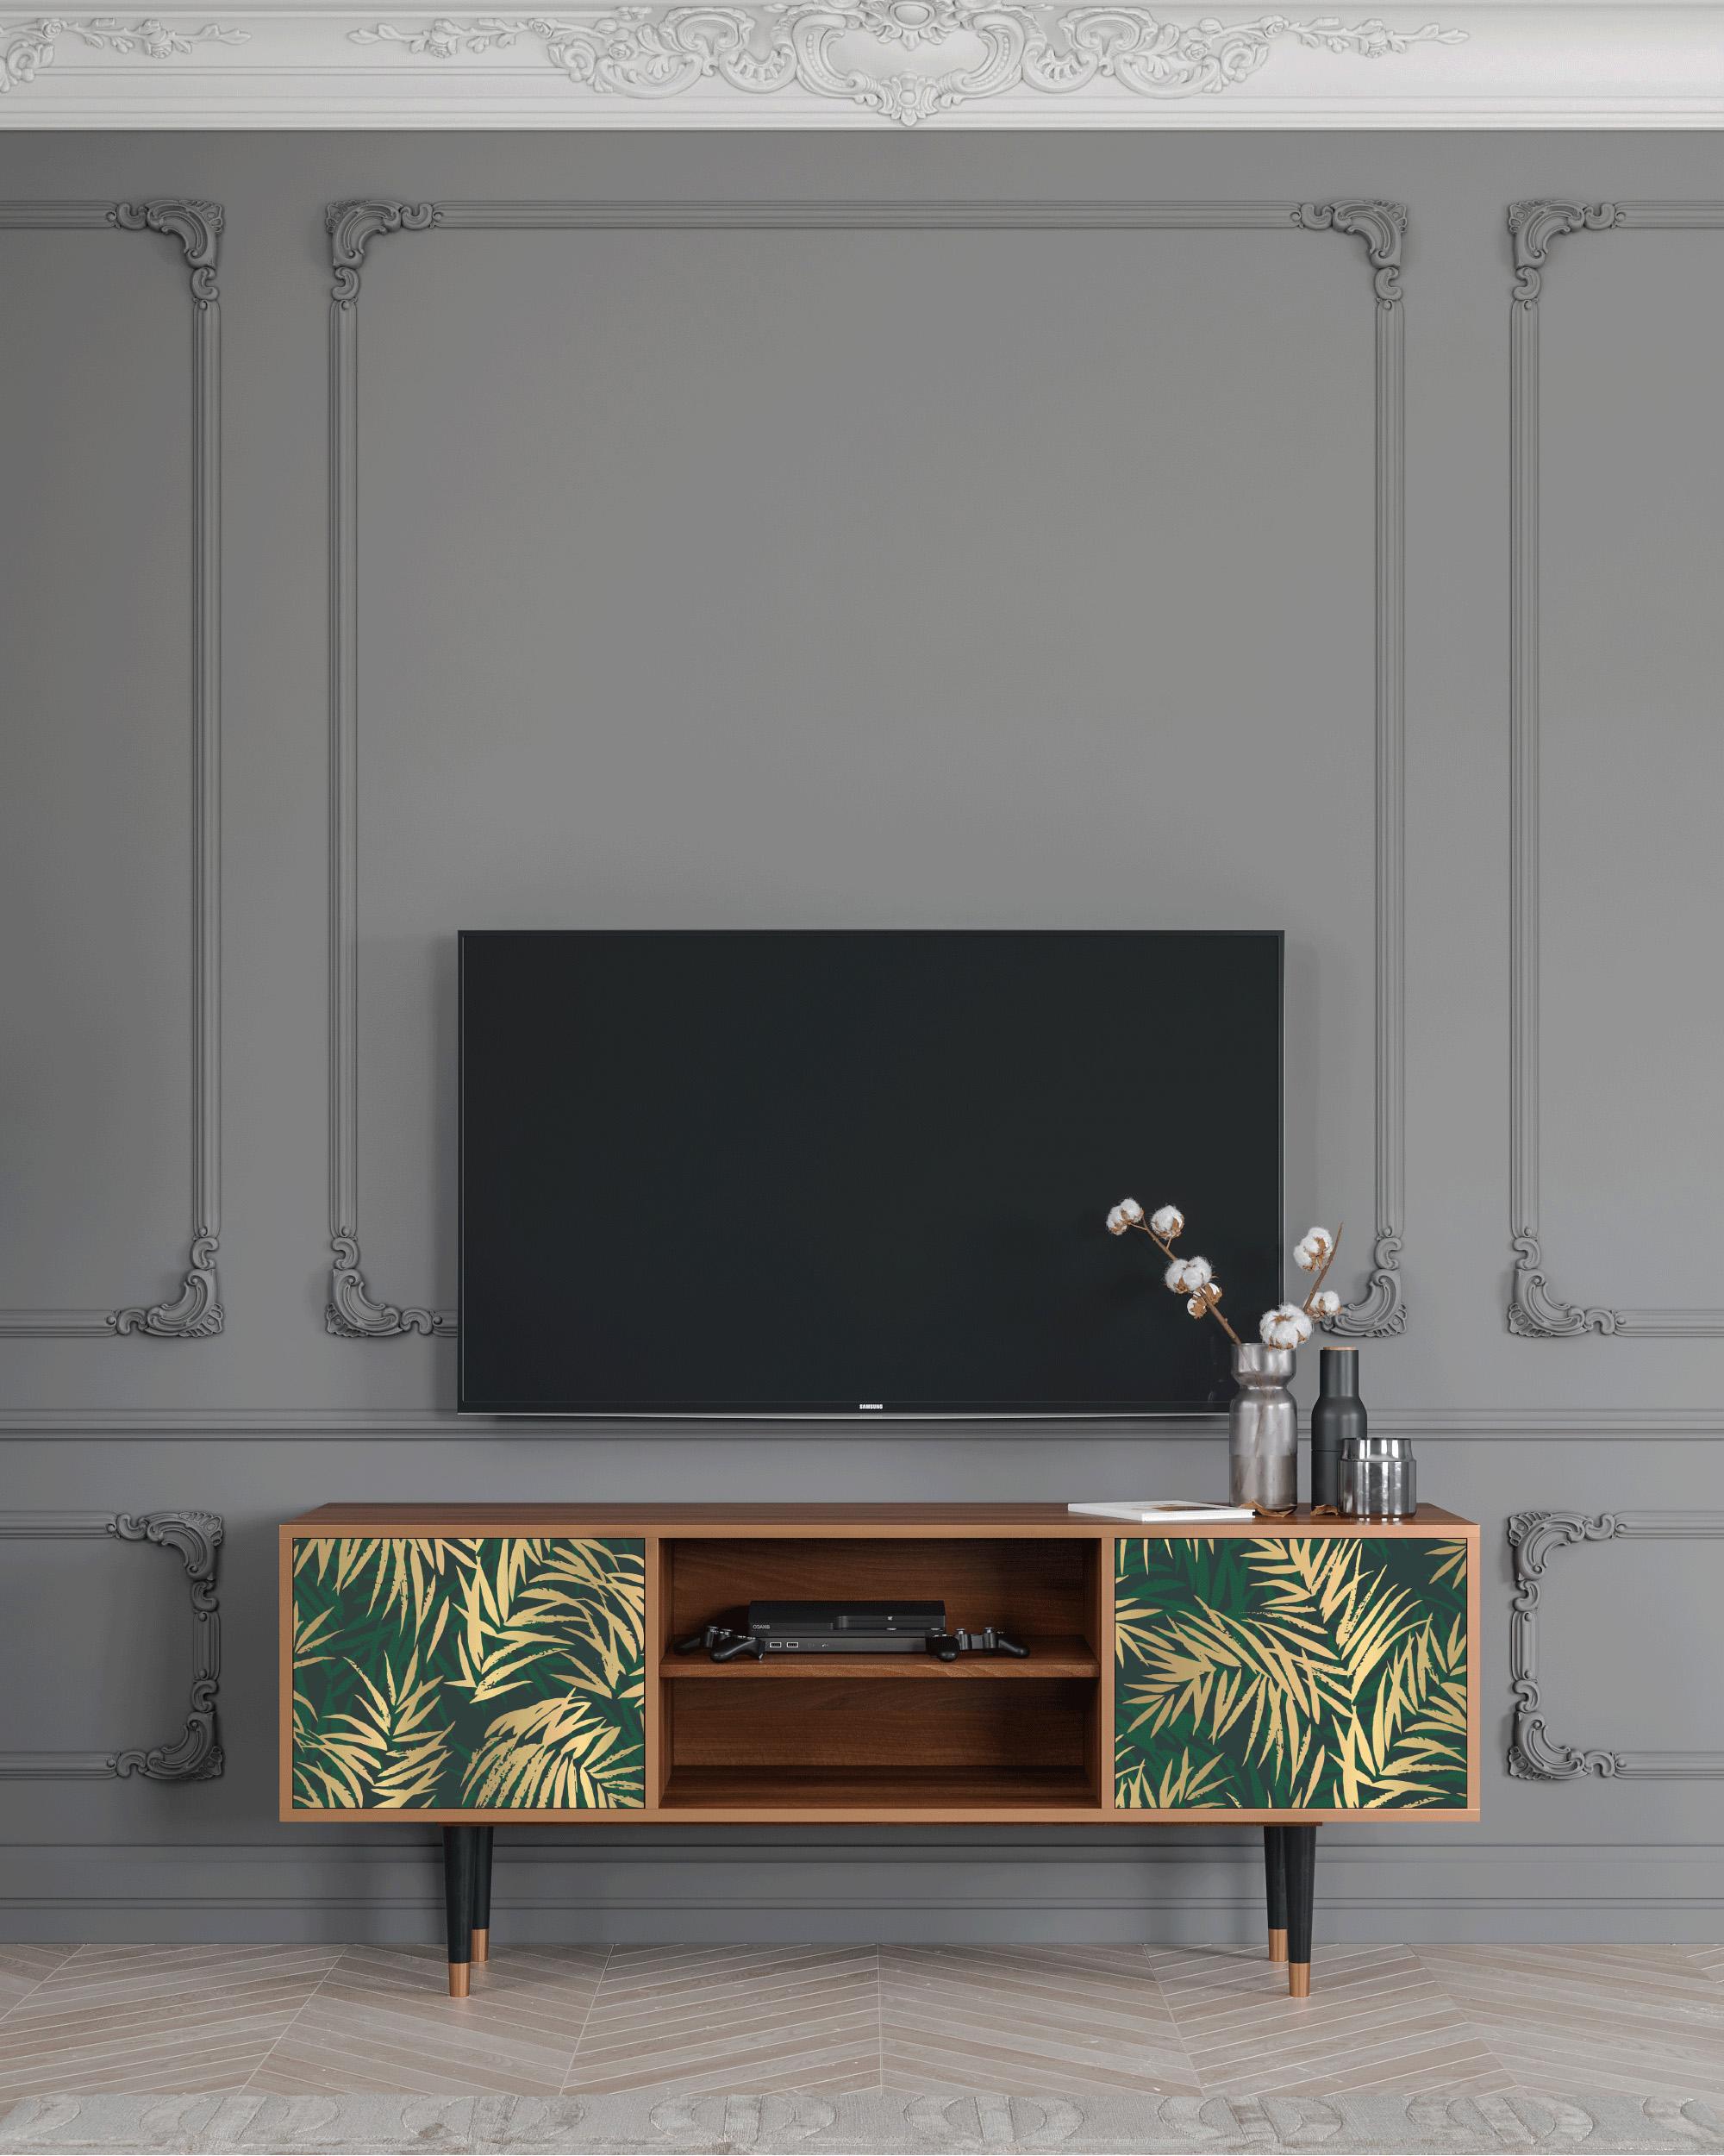 Meuble TV vert et doré 170cm 2 portes